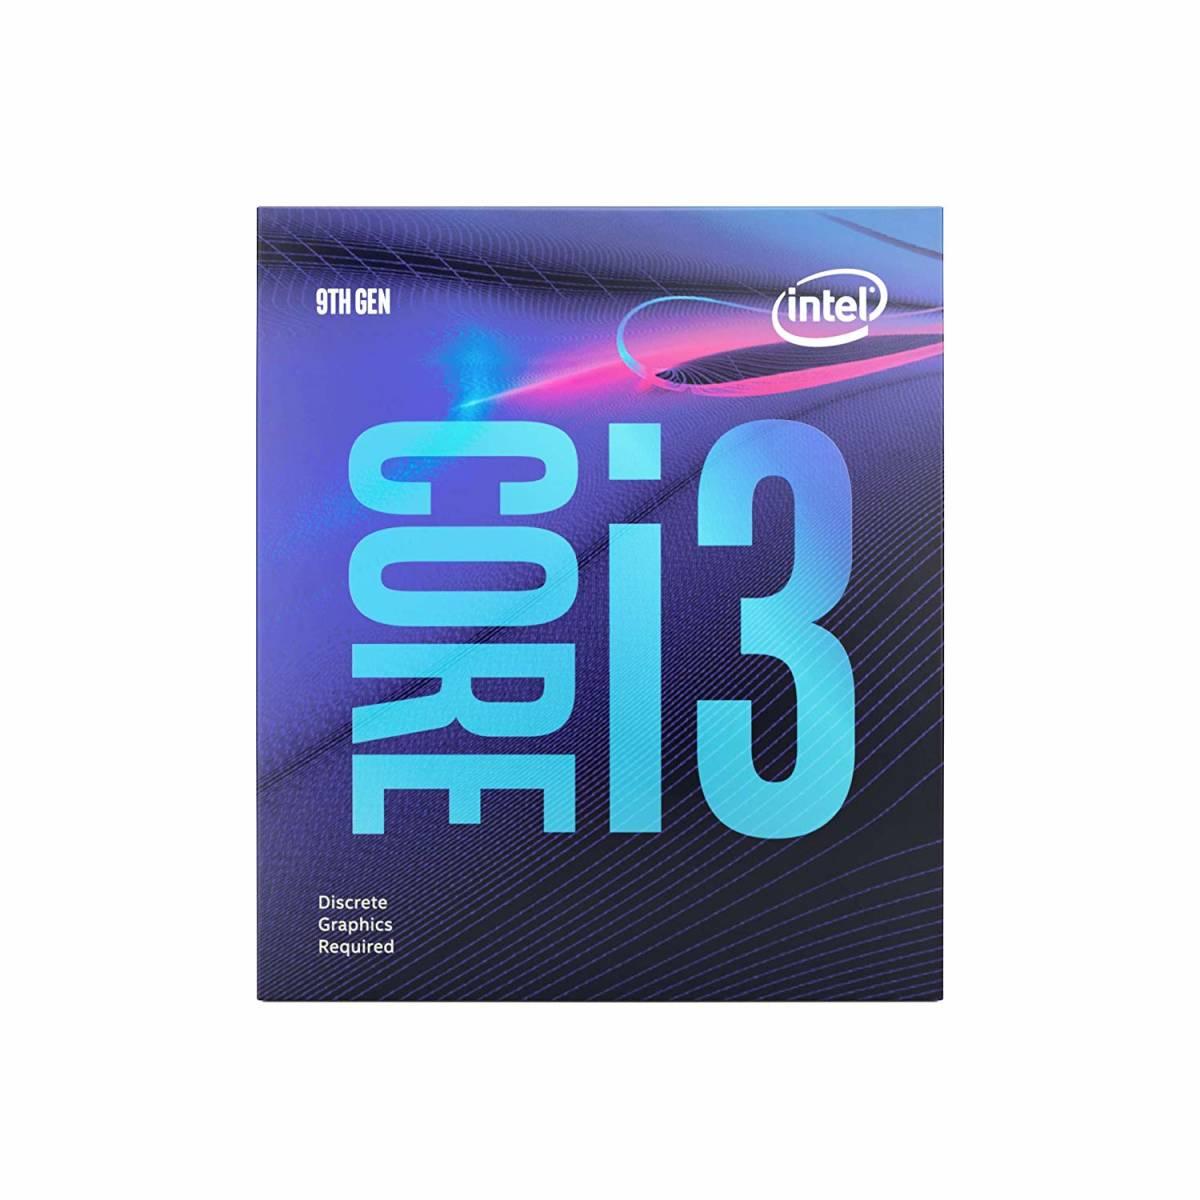 一年保証 新品 日本製 Corei3 9100/8G/SSD480G/Win10 Pro/Office2019/ PowerDVD_画像2